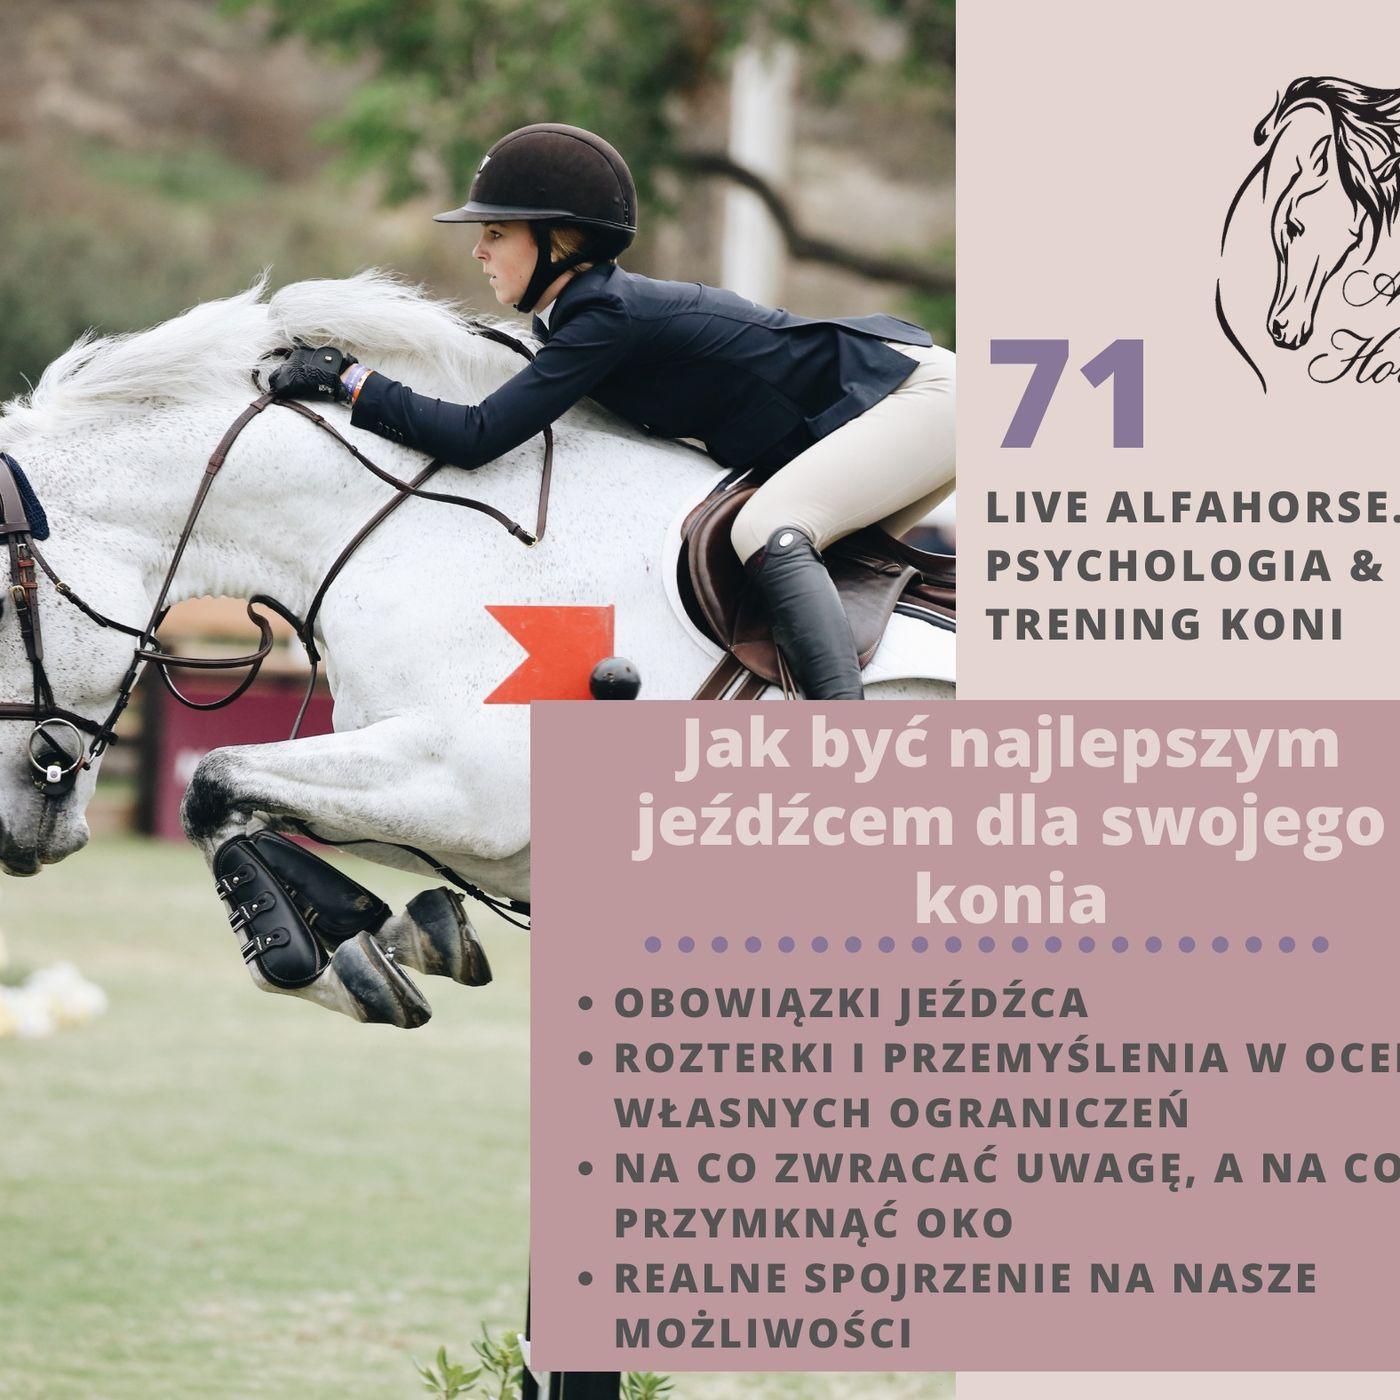 Live 71: Jak być najlepszym jeźdźcem dla swojego konia